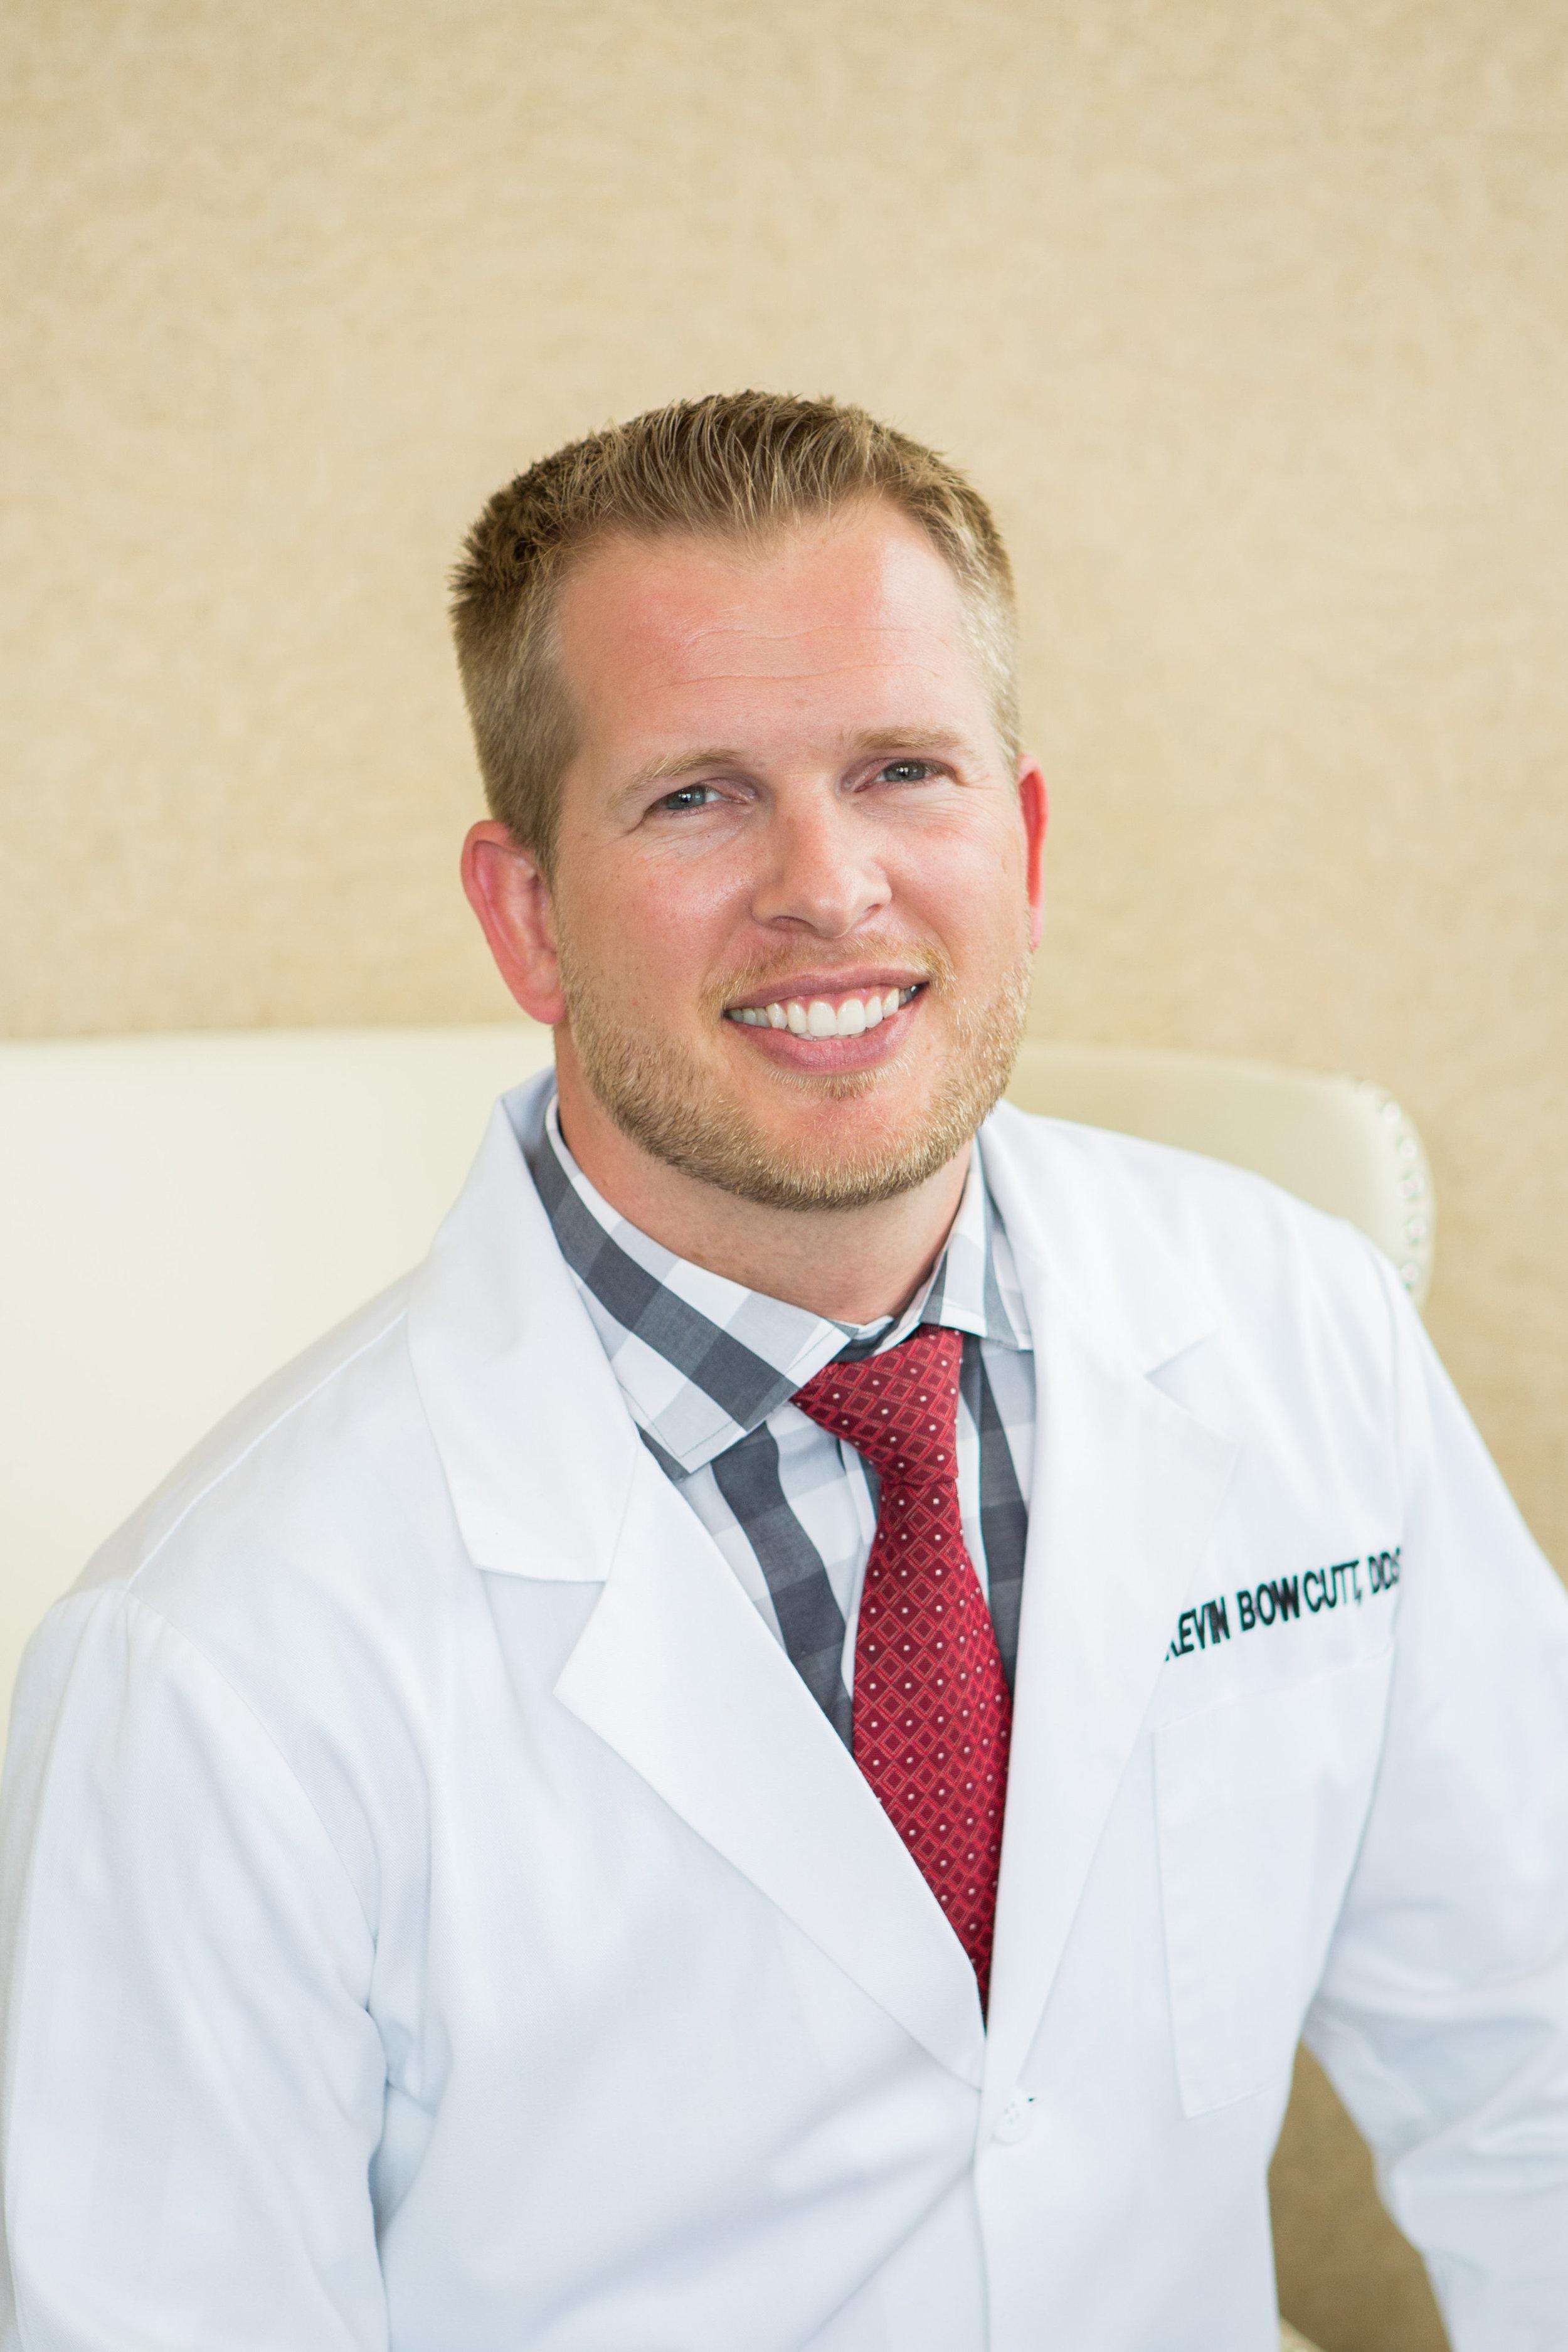 dr.kevin-bowcutt.jpg